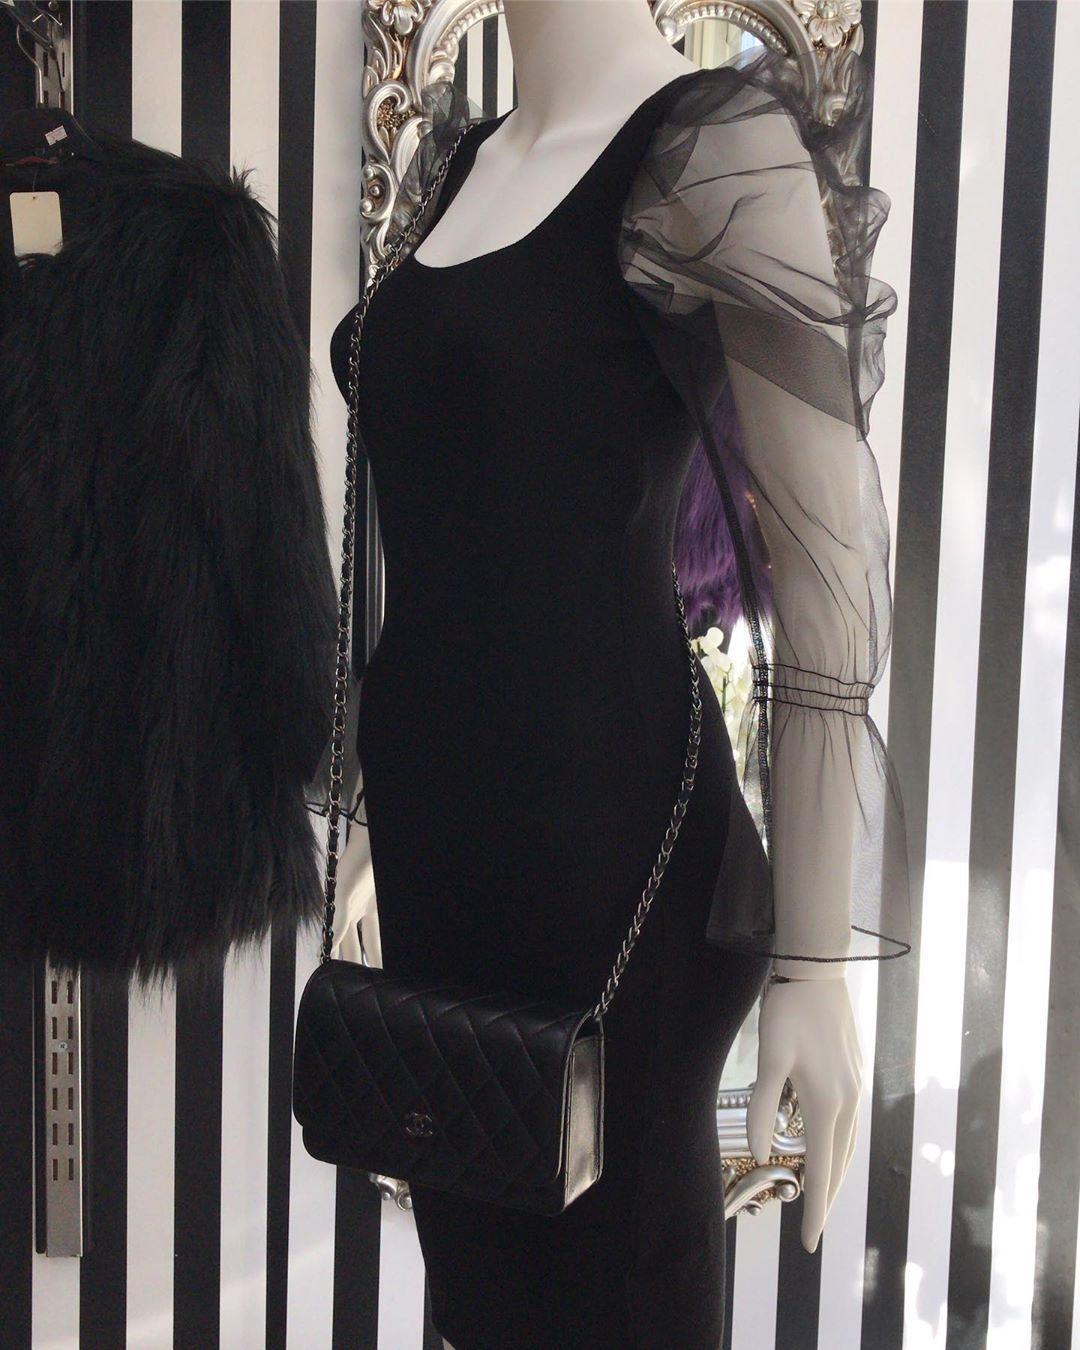 Siyah Kollari Tul Elbise Urun Fiyati 12999 Resmi Sayfamizdir Yerli Uretim Zengin Marka Cesitleri Kaliteli Ve Guvenli